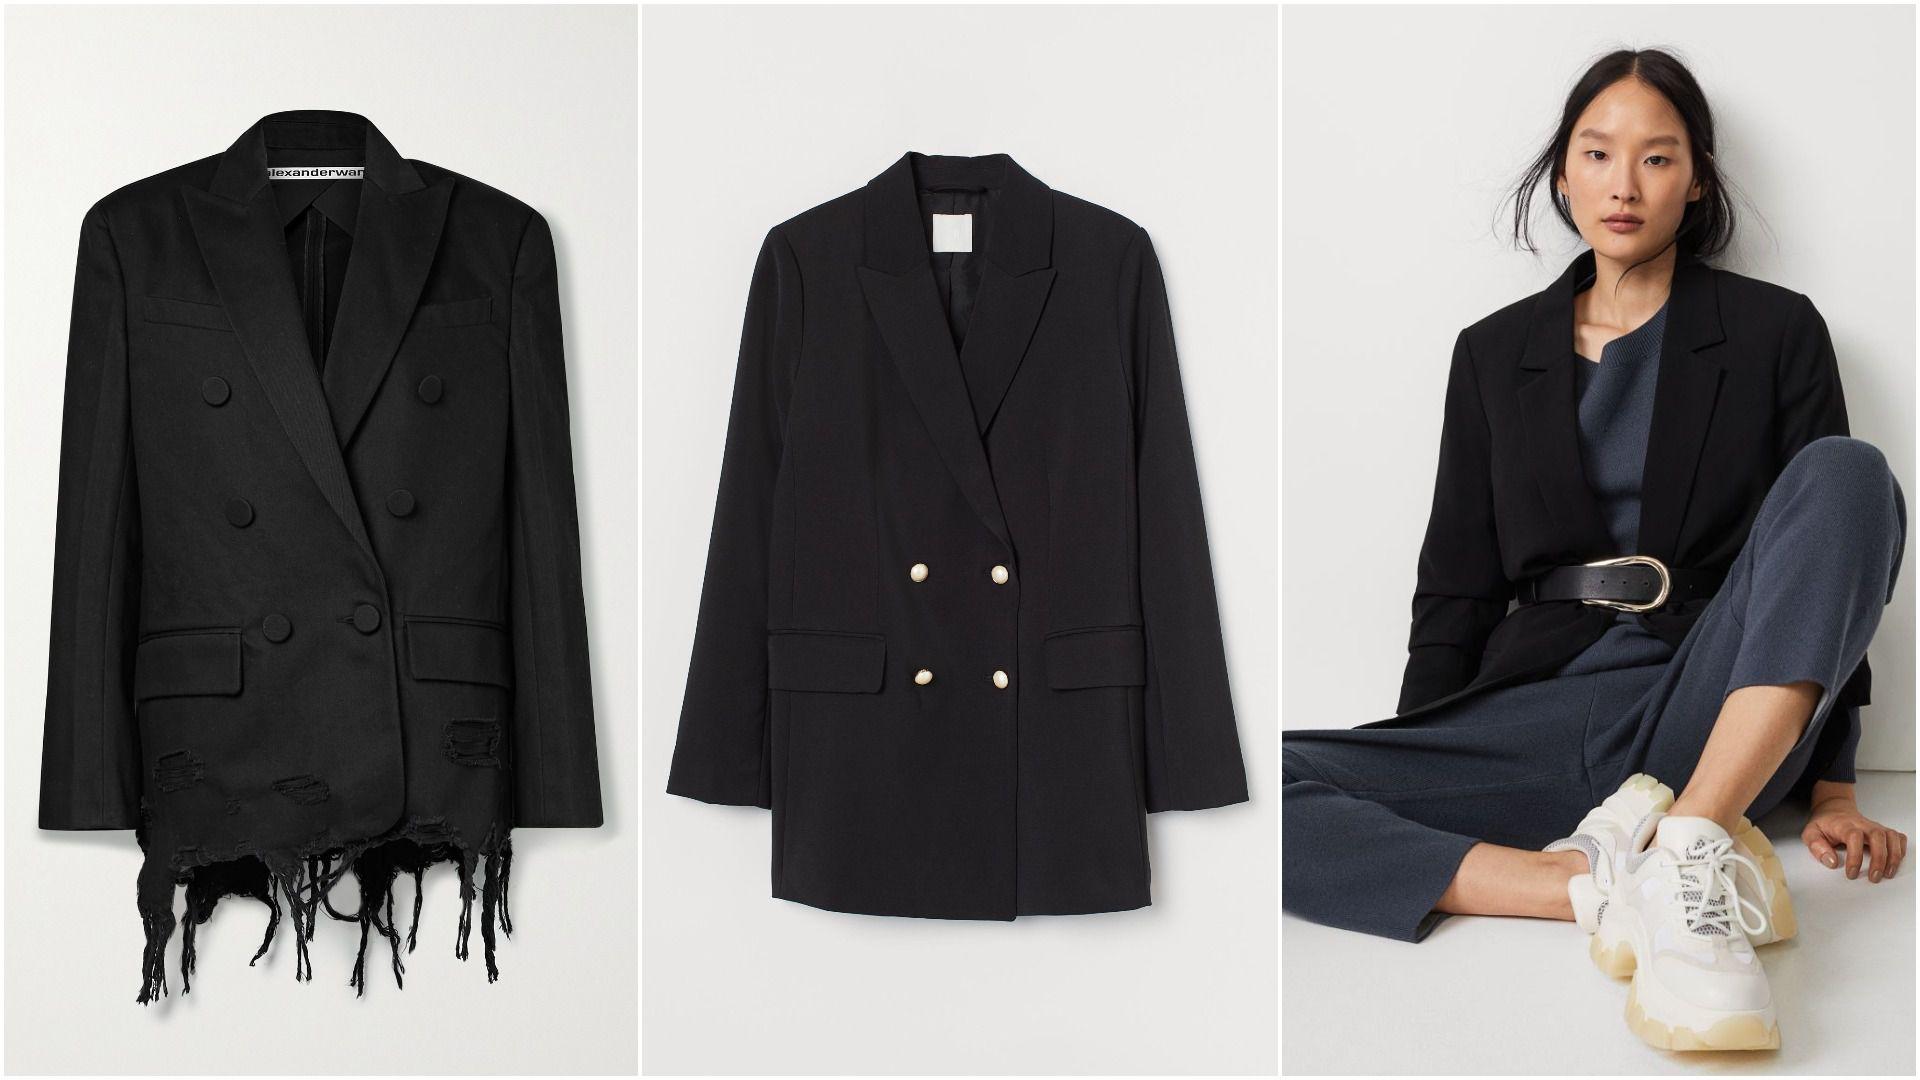 """Crni sako je pogodak u """"sridu"""": Slaže se s elegantnim, ali i casual kompletima"""